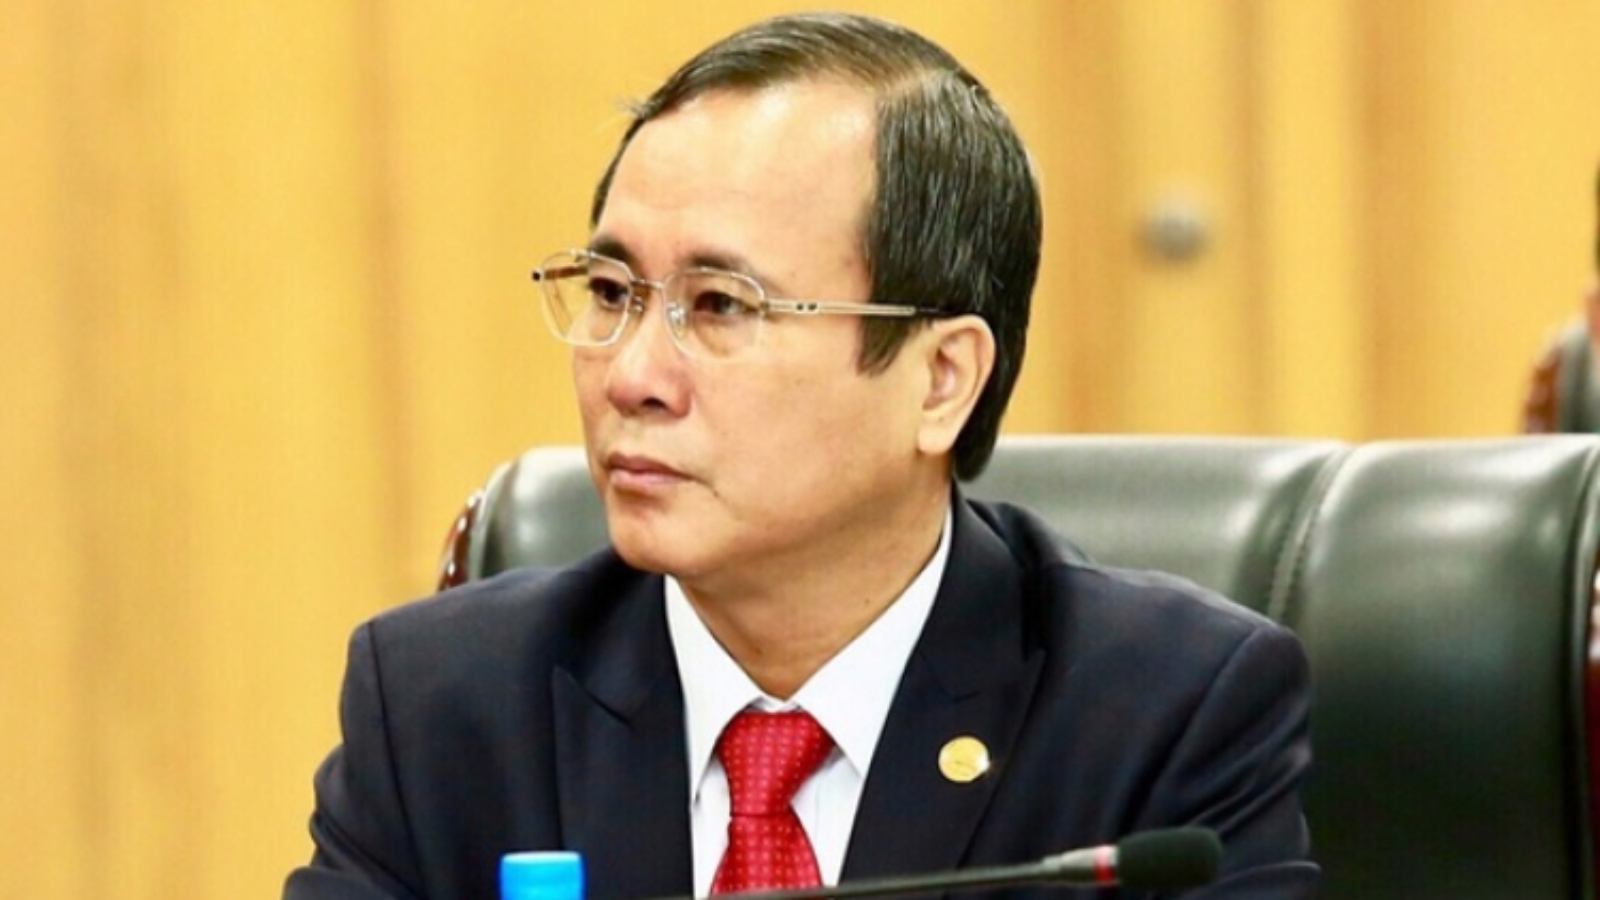 Bí thư Tỉnh uỷ Bình Dương Trần Văn Nam không được xác nhận tư cách ĐBQH vì có vi phạm